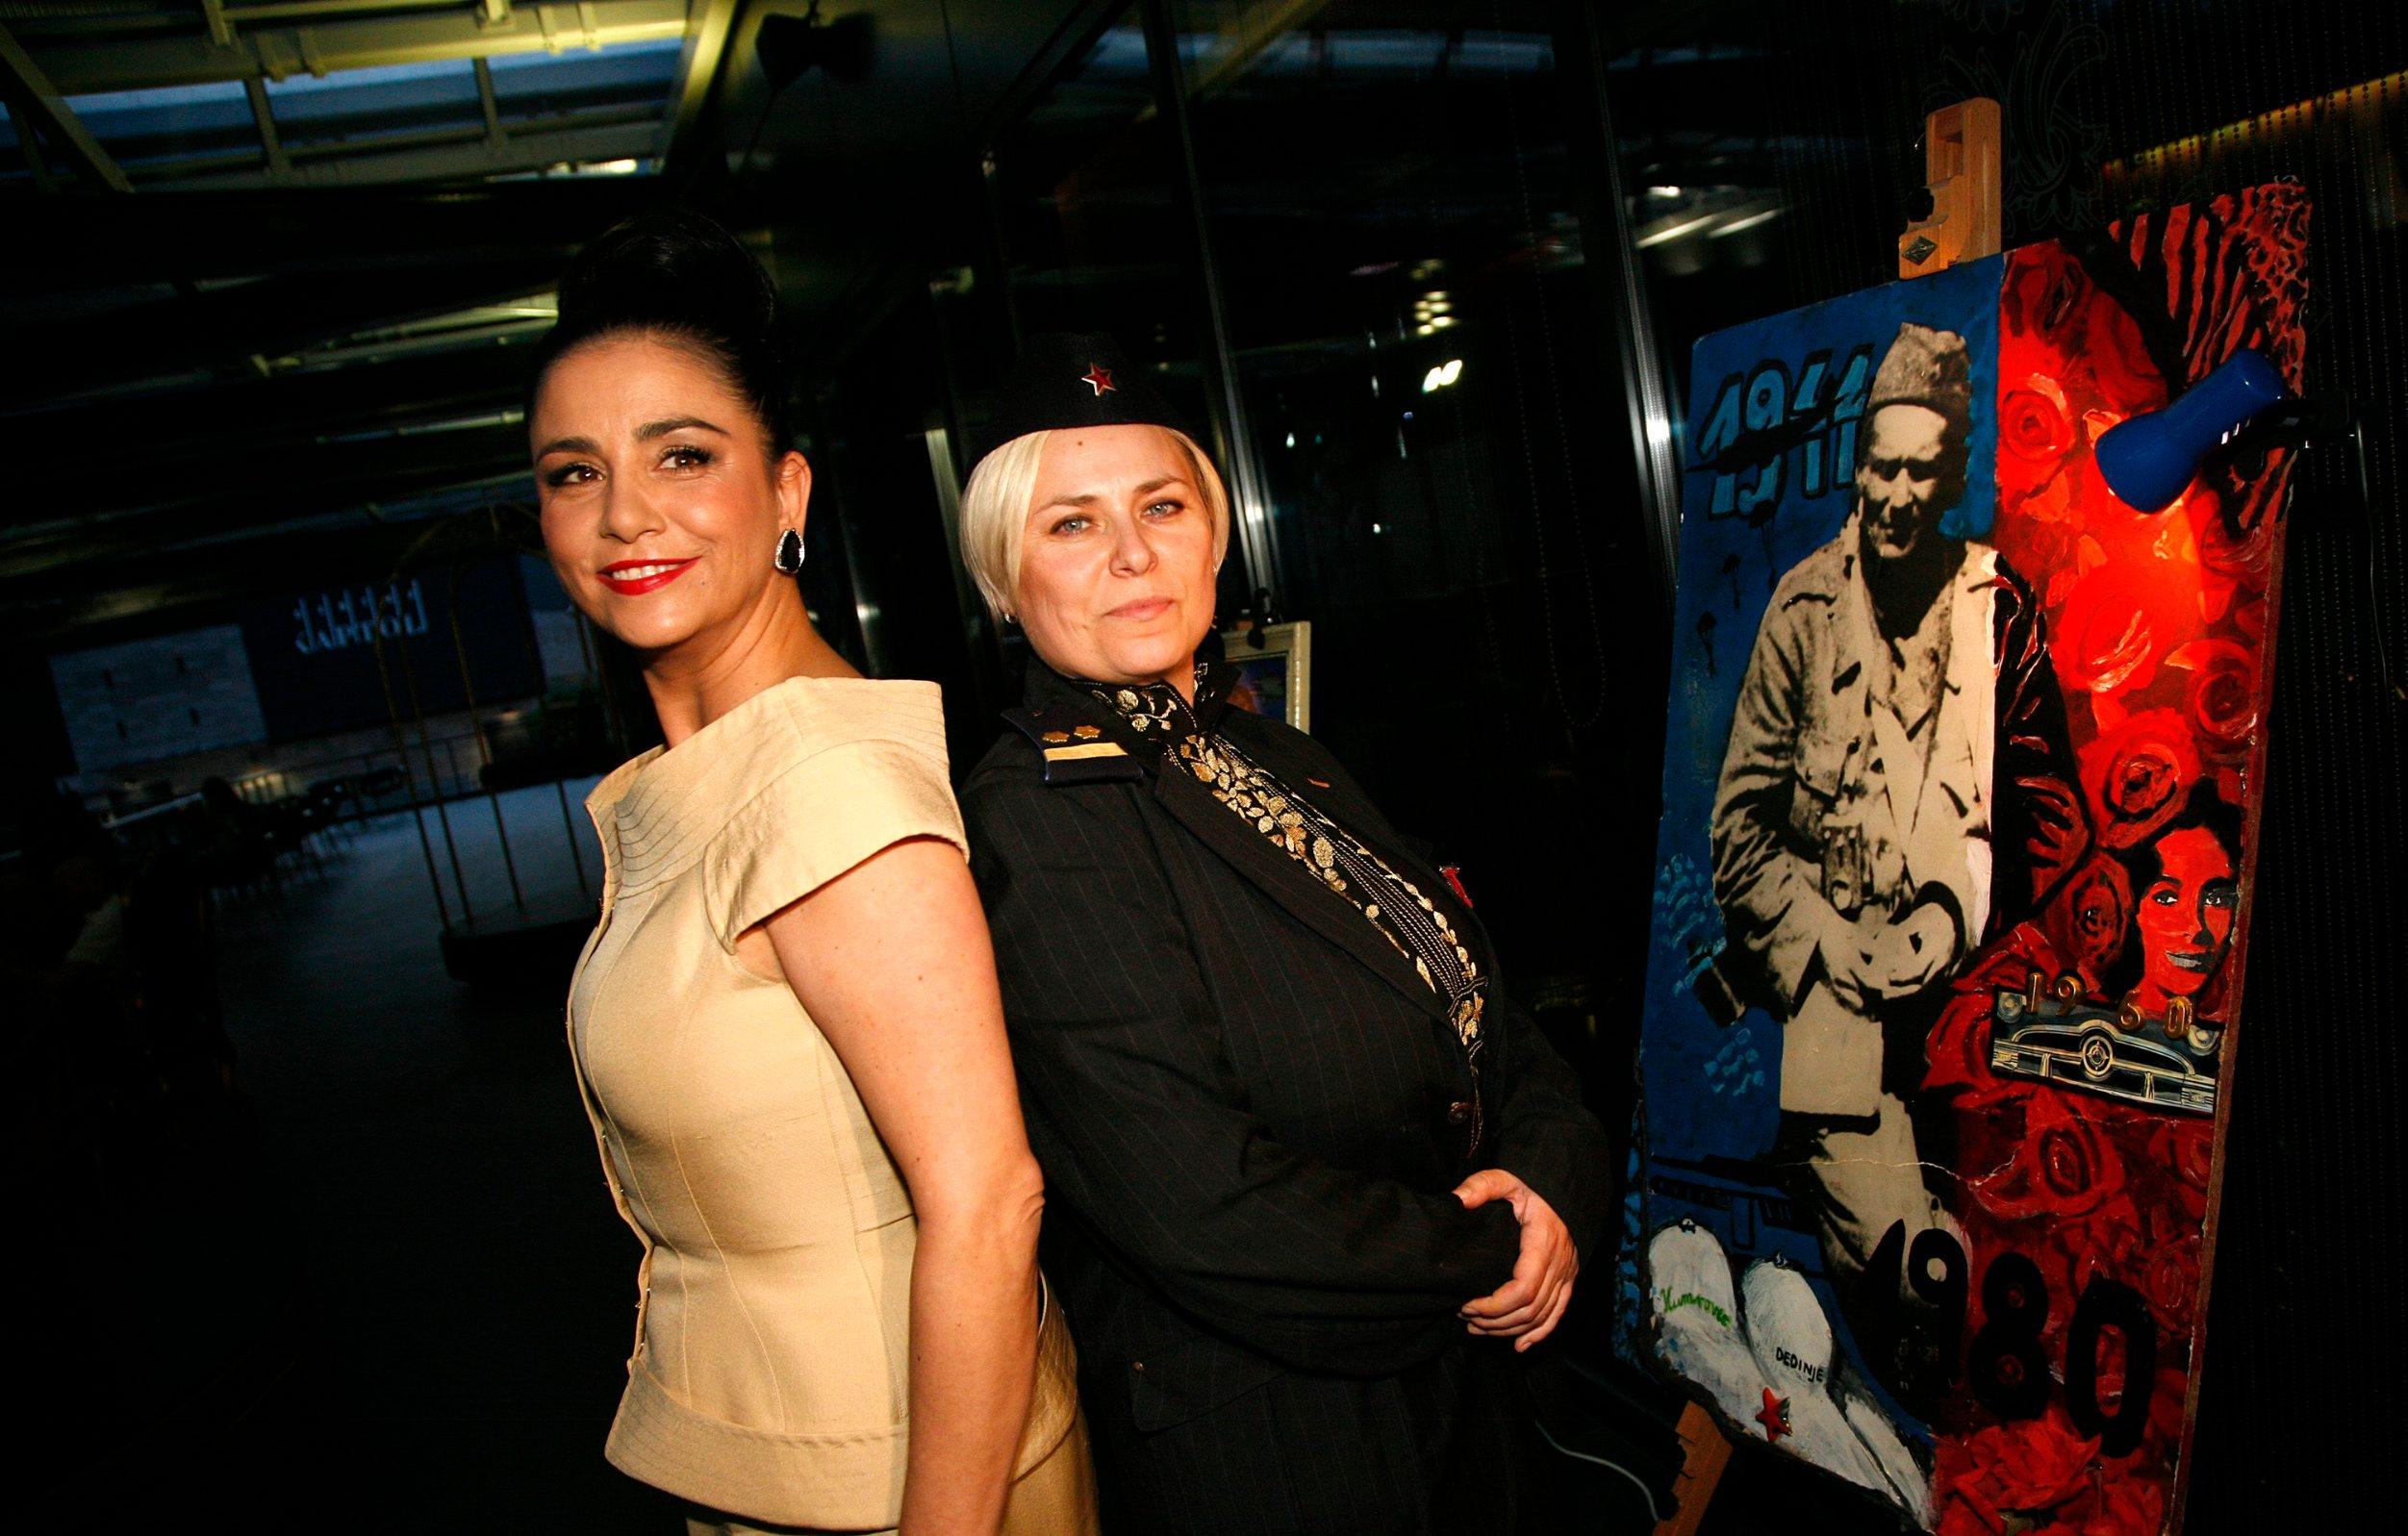 Zagreb,250510 Tito party i izlozba Sandre Jurak Pop-art u Cascade centru u Pos baru. Na fotografiji: Alka Vuica kao Jovanka Broz i autorica Sandra Jurak. Foto: Ranko Suvar / CROPIX